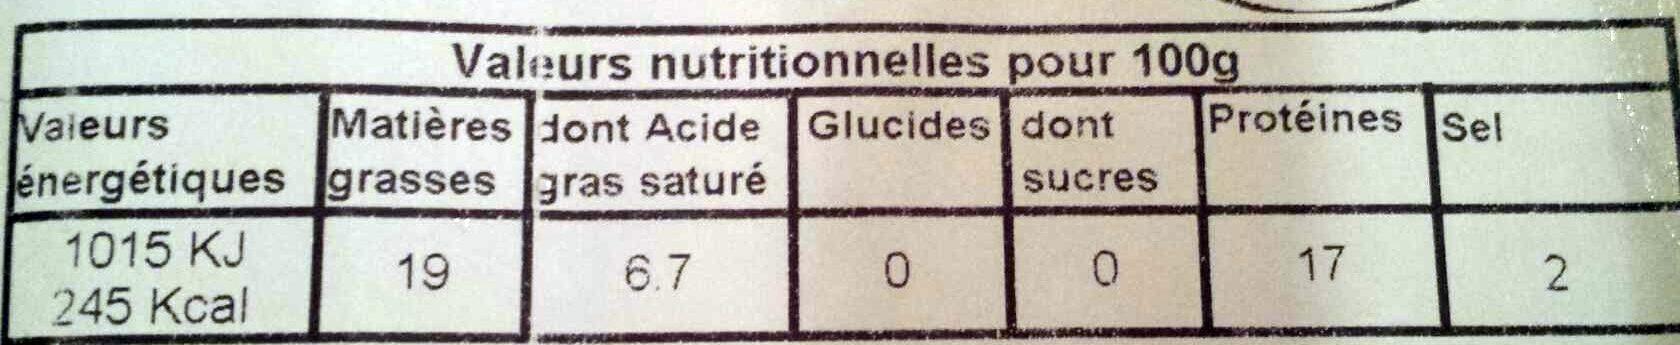 Boudin de Viande Plancha - Nutrition facts - fr